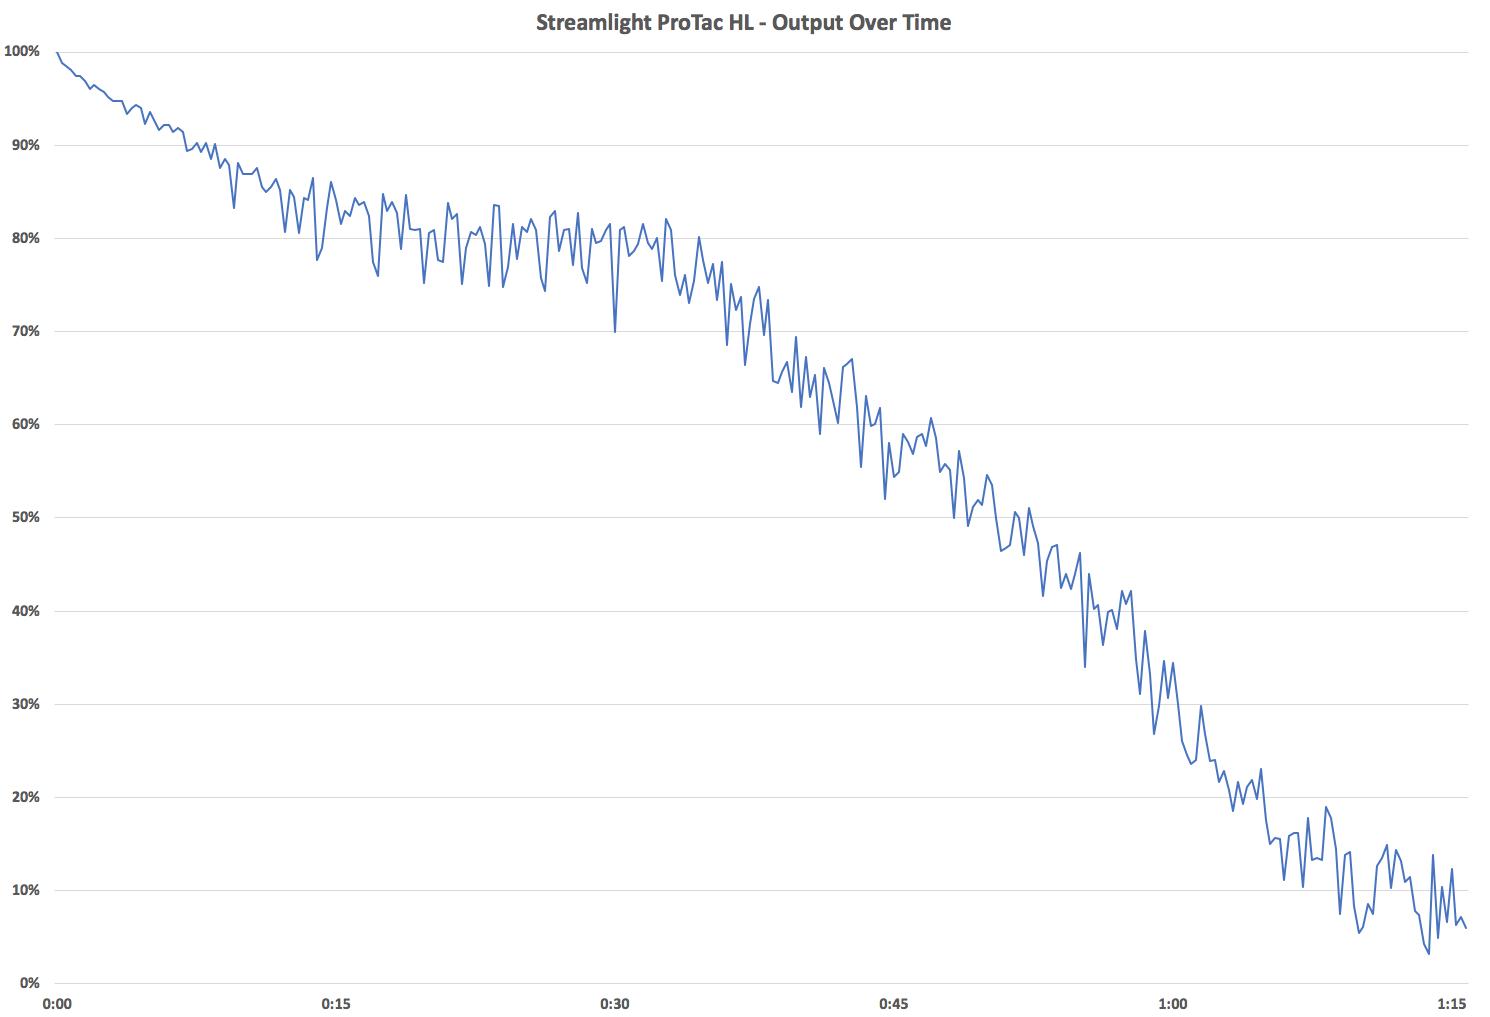 Streamlight ProTac HL - Output Over Time